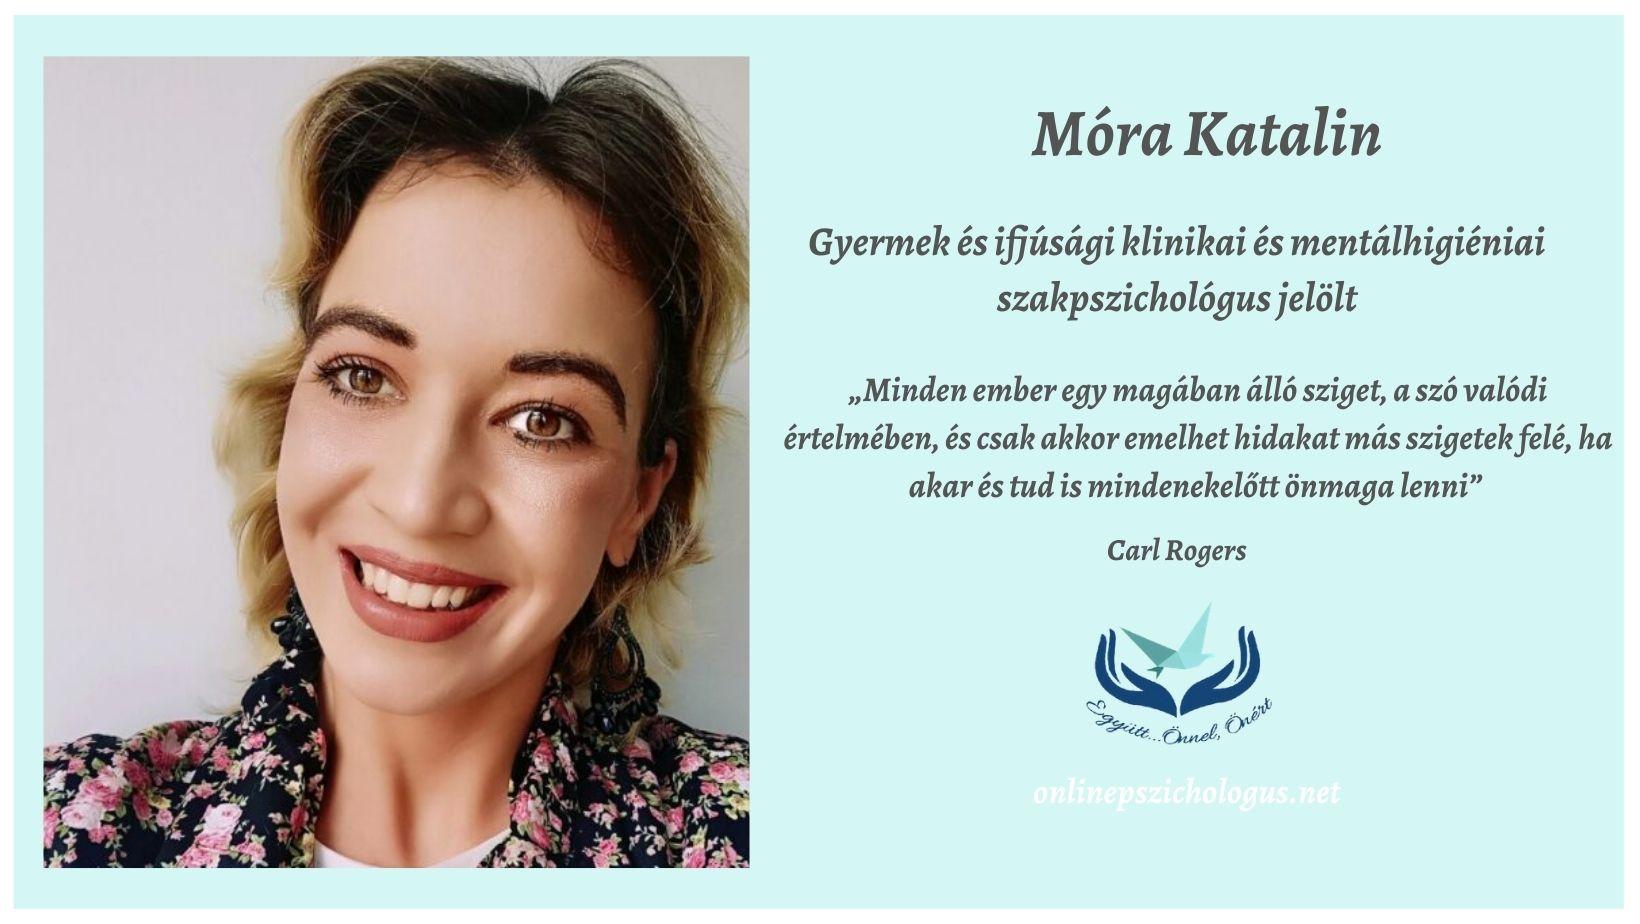 Interjú Móra Katalin pszichológussal